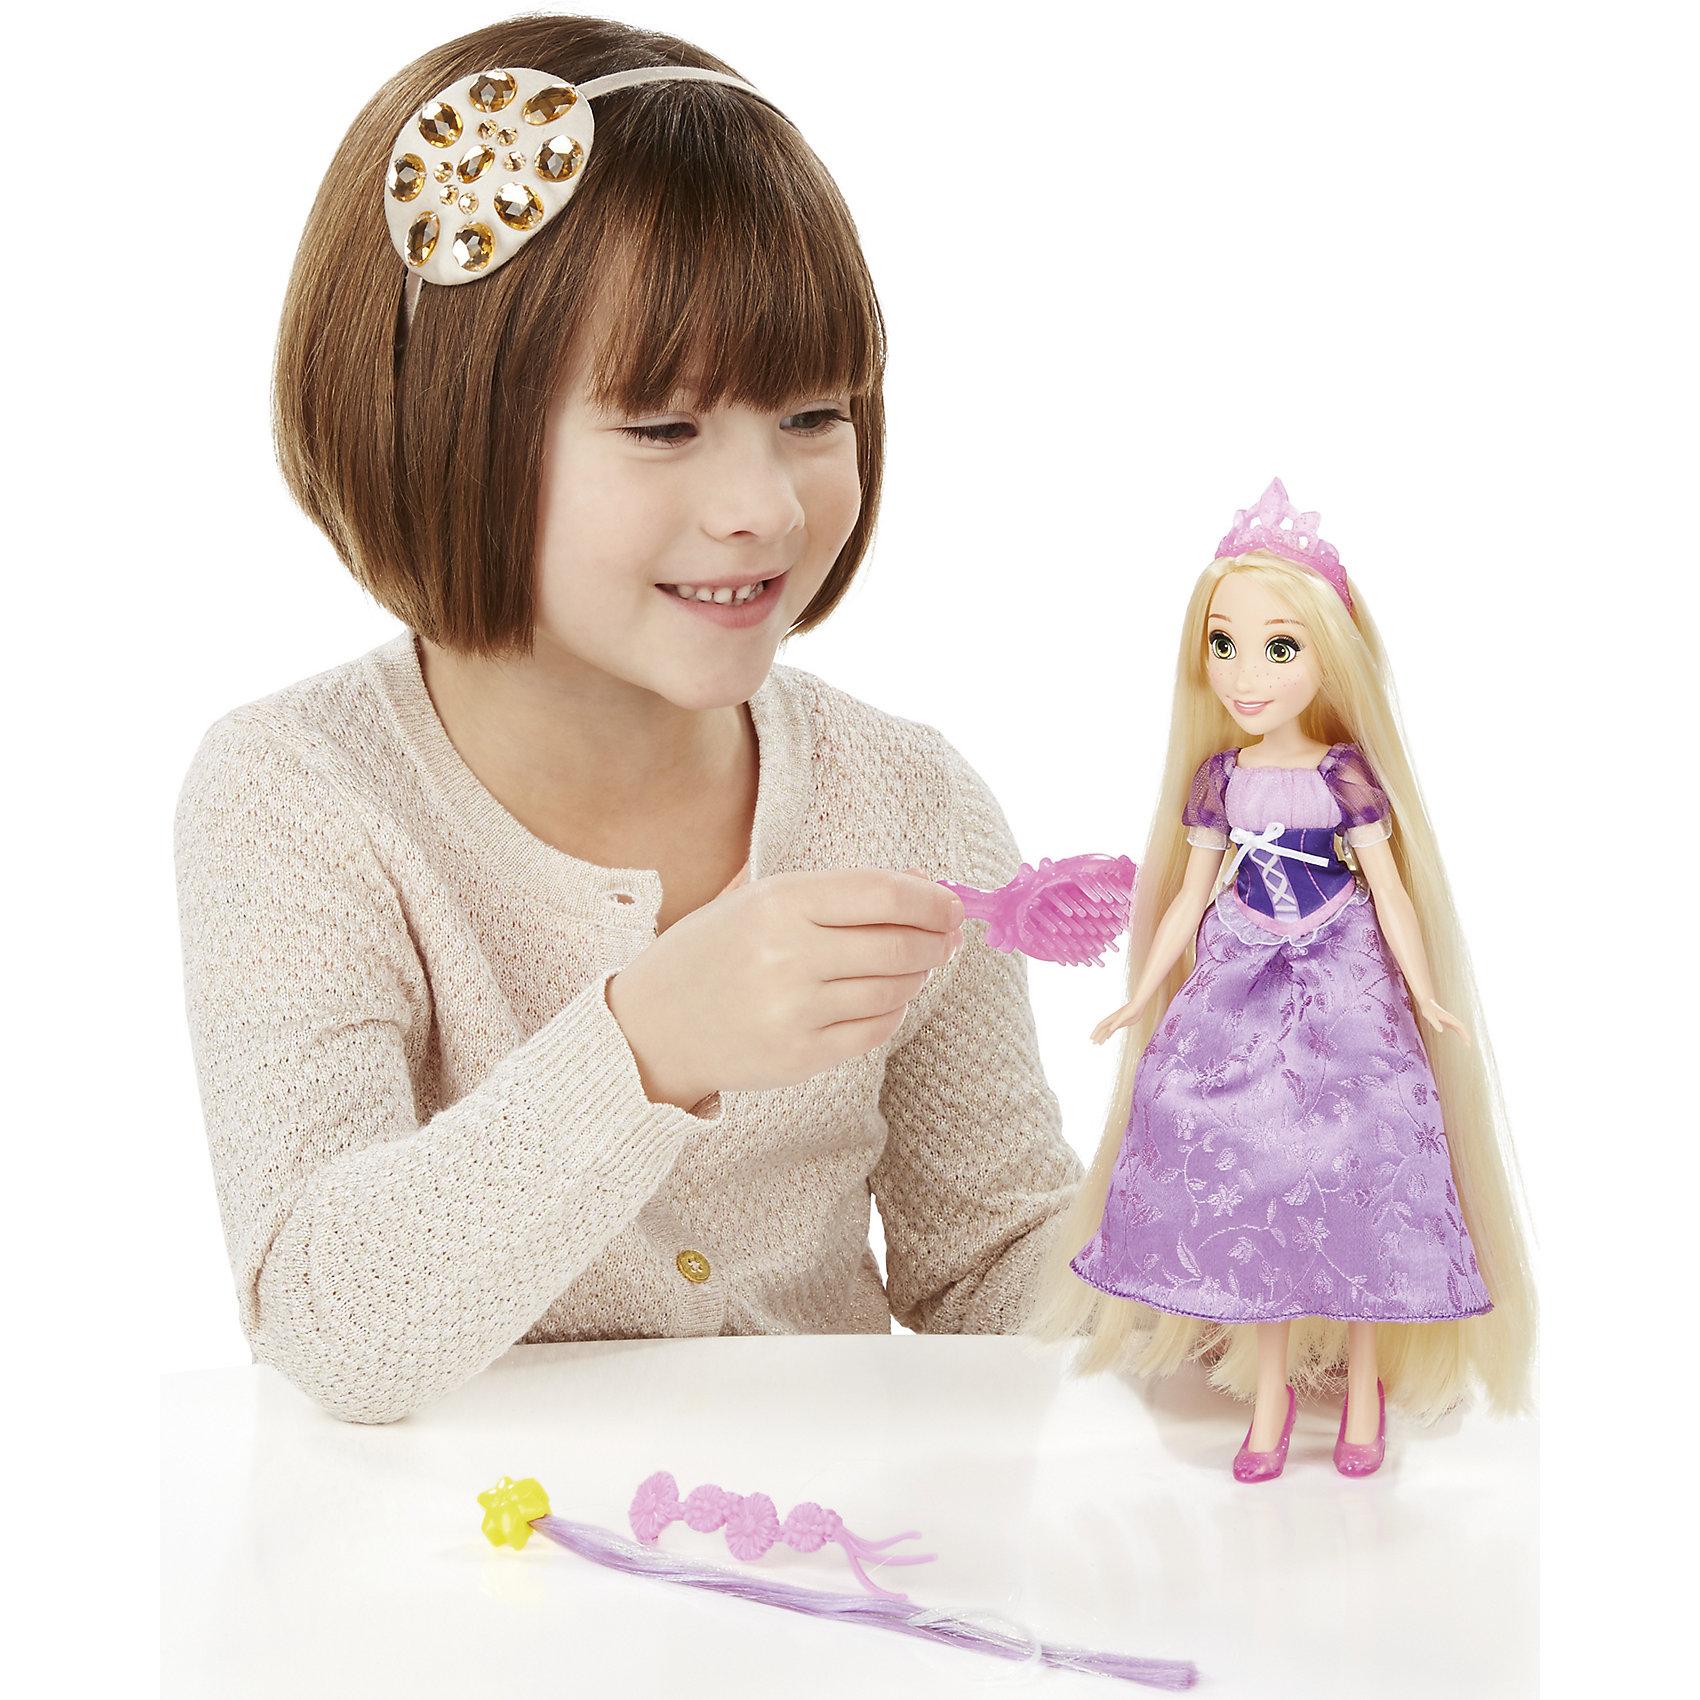 Базовая кукла Принцесса Рапунцель с длинными волосами, c аксессуарами, B5292/B5294Базовая кукла Принцесса в с длинными волосами, c аксессуарами, B5292/B5294.<br><br>Характеристики:<br><br>- В наборе: кукла, тиара, дополнительные пряди волос, заколки для волос, расческа, на обороте которой находится зеркальце<br>- Материал: высококачественный пластик, текстиль<br>- Размер упаковки: 16,5х6,4х35,6 см.<br><br>Очаровательная кукла от торговой марки Hasbro (Хасбро) станет любимой игрушкой вашей маленькой принцессы. Кукла изготовлена из прочного пластика, а ее одежда пошита из высококачественного текстиля. Она выполнена в виде в виде Рапунцель, героини одноименного мультфильма. Кукла имеет высокую степень детализации, даже самые мелкие детали качественно прорисованы. Рапунцель одета в красивое бальное платье фиалкового цвета с объемными рукавами-фонариками, украшенное вышивкой, на ногах у нее сиреневые туфельки, на голове - розовая тиара. Локоны принцессы можно расчесывать и создавать красивые прически. Для этого в комплект входят различные аксессуары - расческа, цветные пряди волос и заколки. Кукла может двигать руками, ногами, а также вращать головой. С замечательной куклой ваша малышка окунется в сказочный мир, и будет придумывать увлекательные истории про любимую героиню.<br><br>Базовую куклу Принцесса в с длинными волосами, c аксессуарами, B5292/B5294 можно купить в нашем интернет-магазине.<br><br>Ширина мм: 327<br>Глубина мм: 164<br>Высота мм: 1600<br>Вес г: 210<br>Возраст от месяцев: 36<br>Возраст до месяцев: 72<br>Пол: Женский<br>Возраст: Детский<br>SKU: 5064698